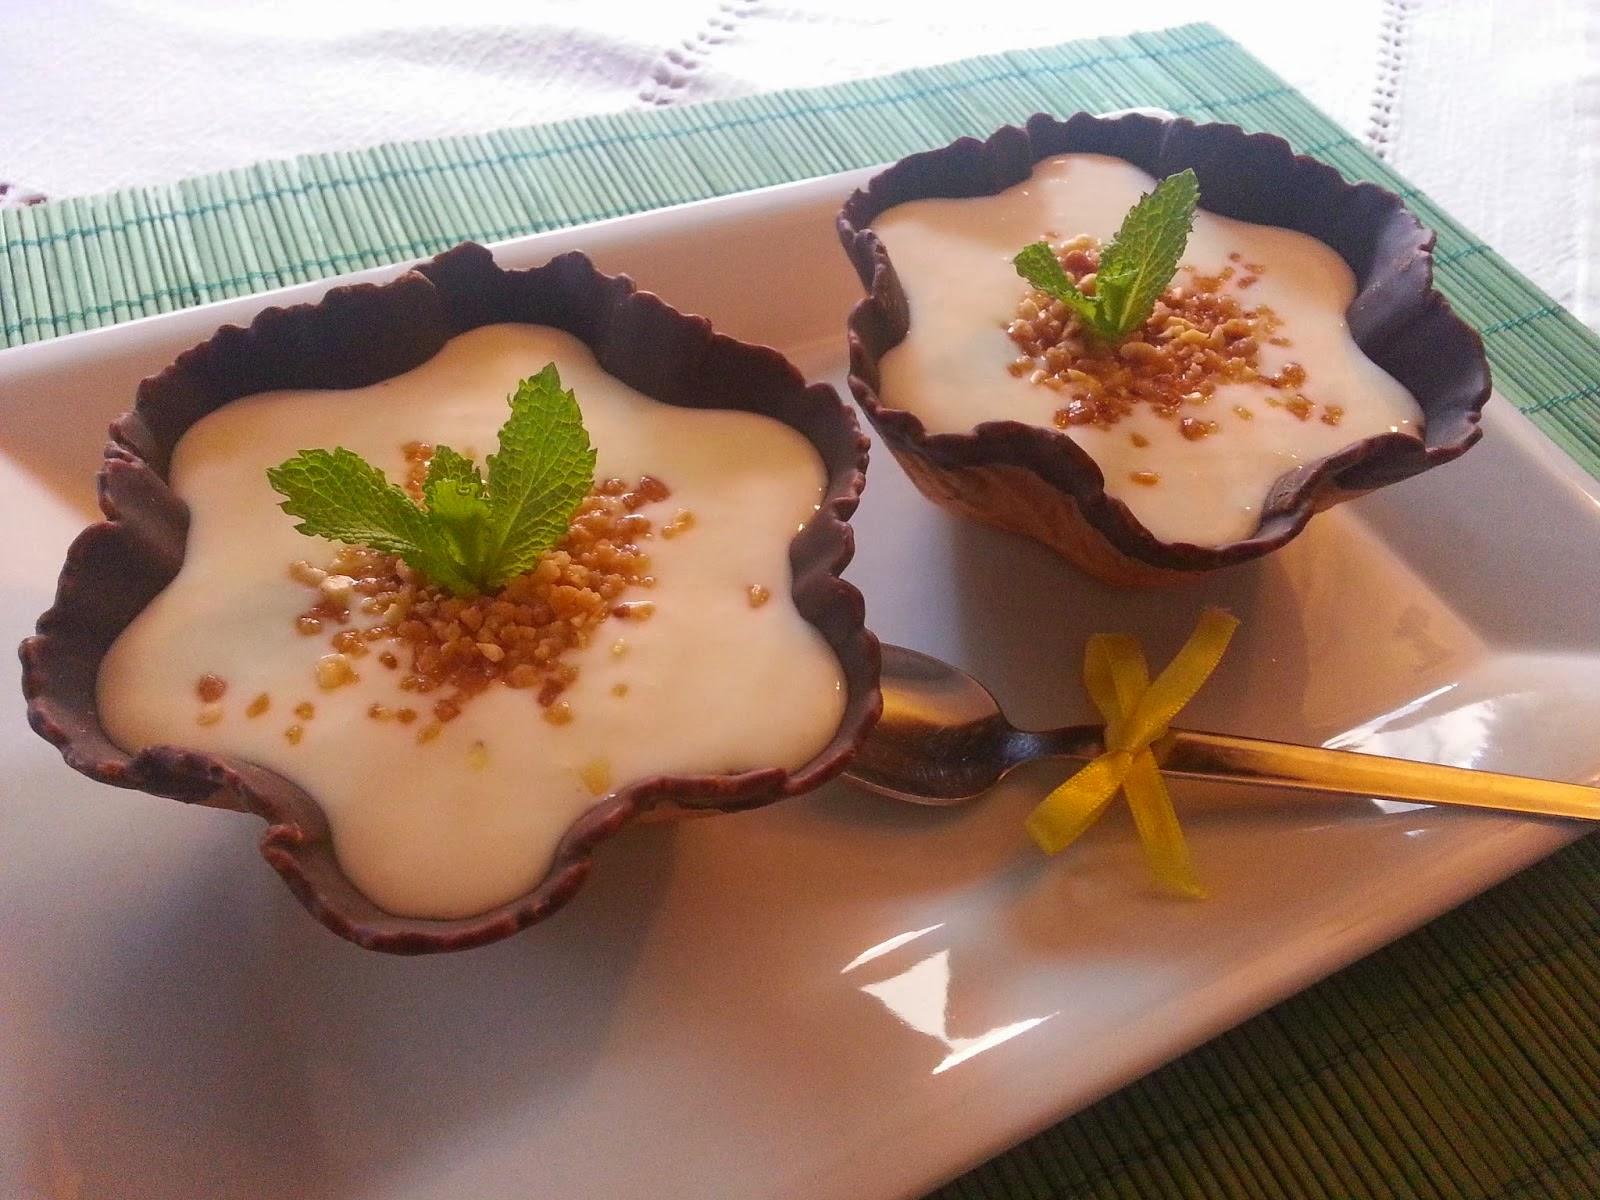 Cinco deliciosos y ligeros postres con lim n cocina - Postres ligeros y rapidos ...